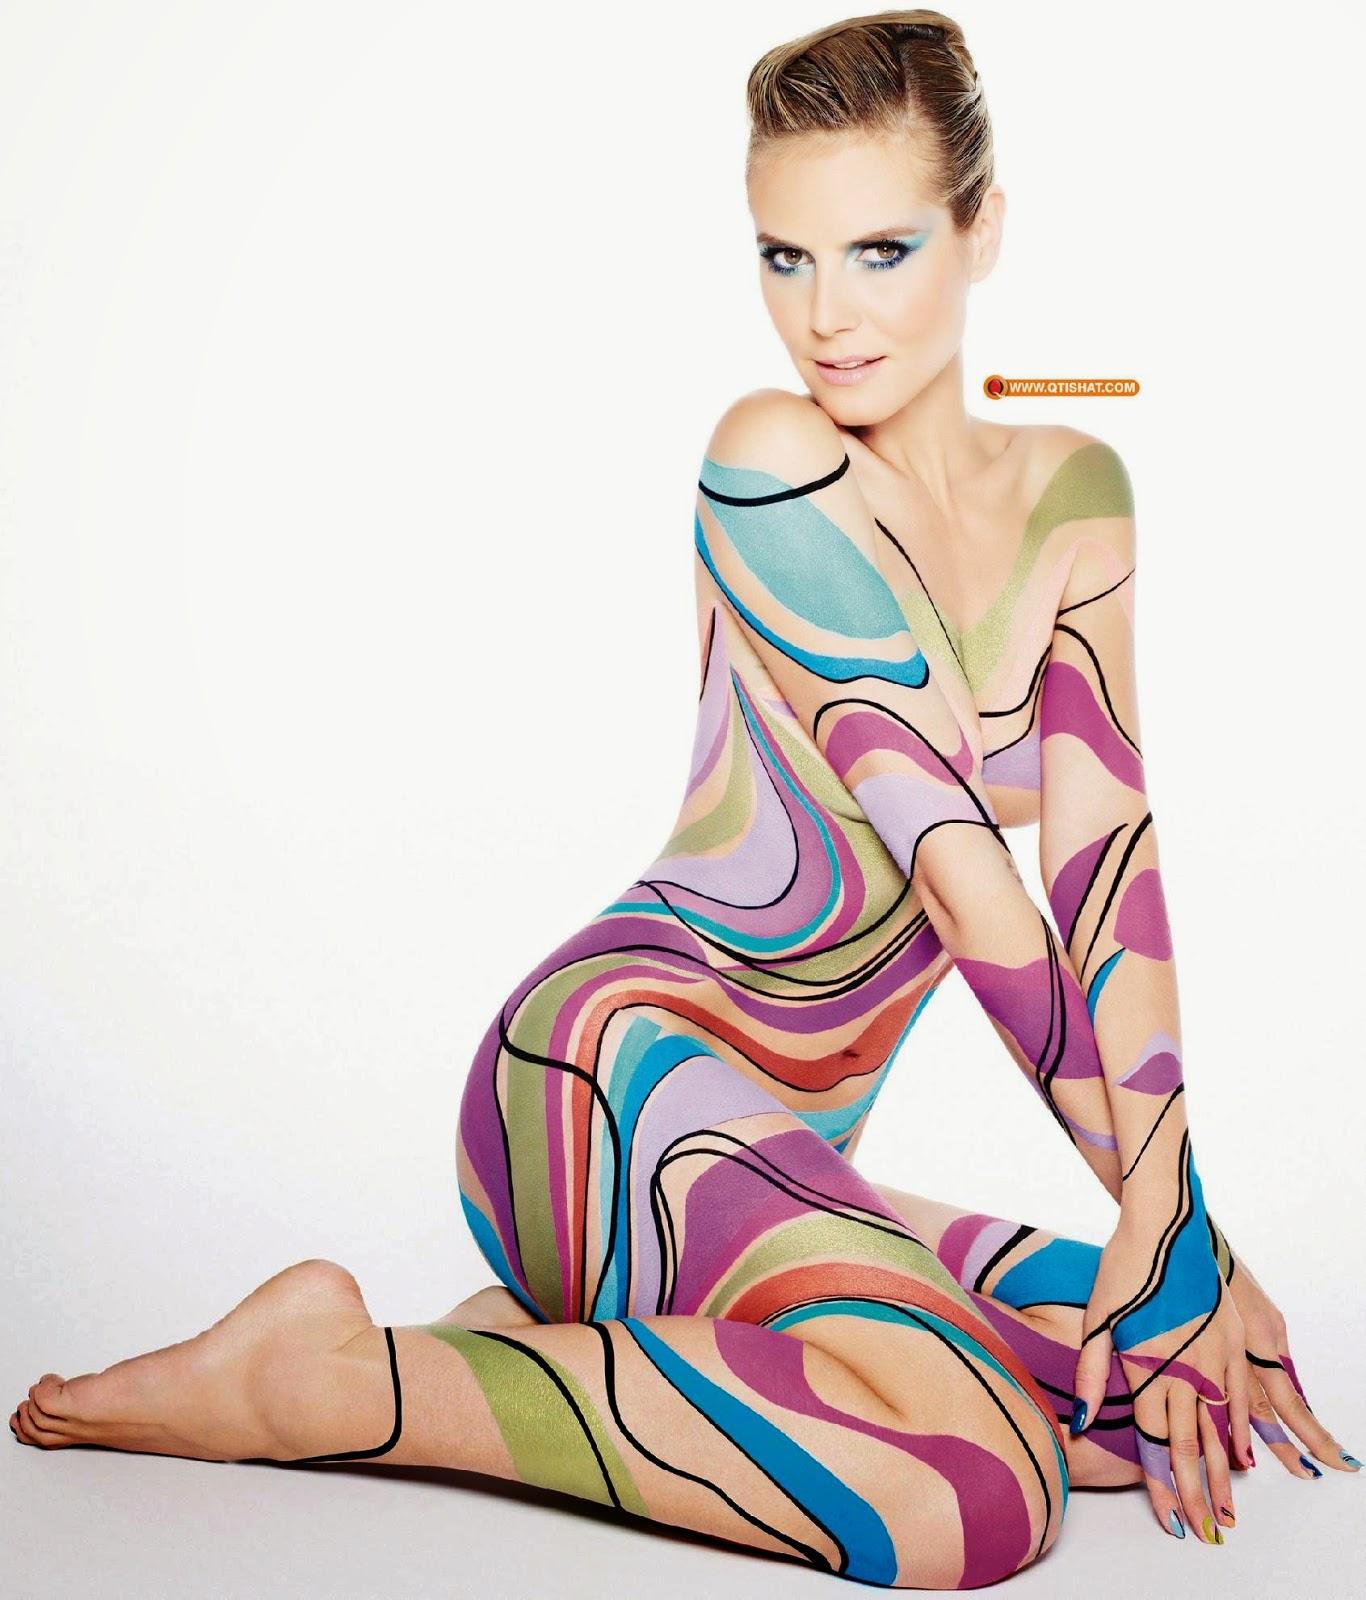 Heidi Klum Body Painting | Body Art and Painting